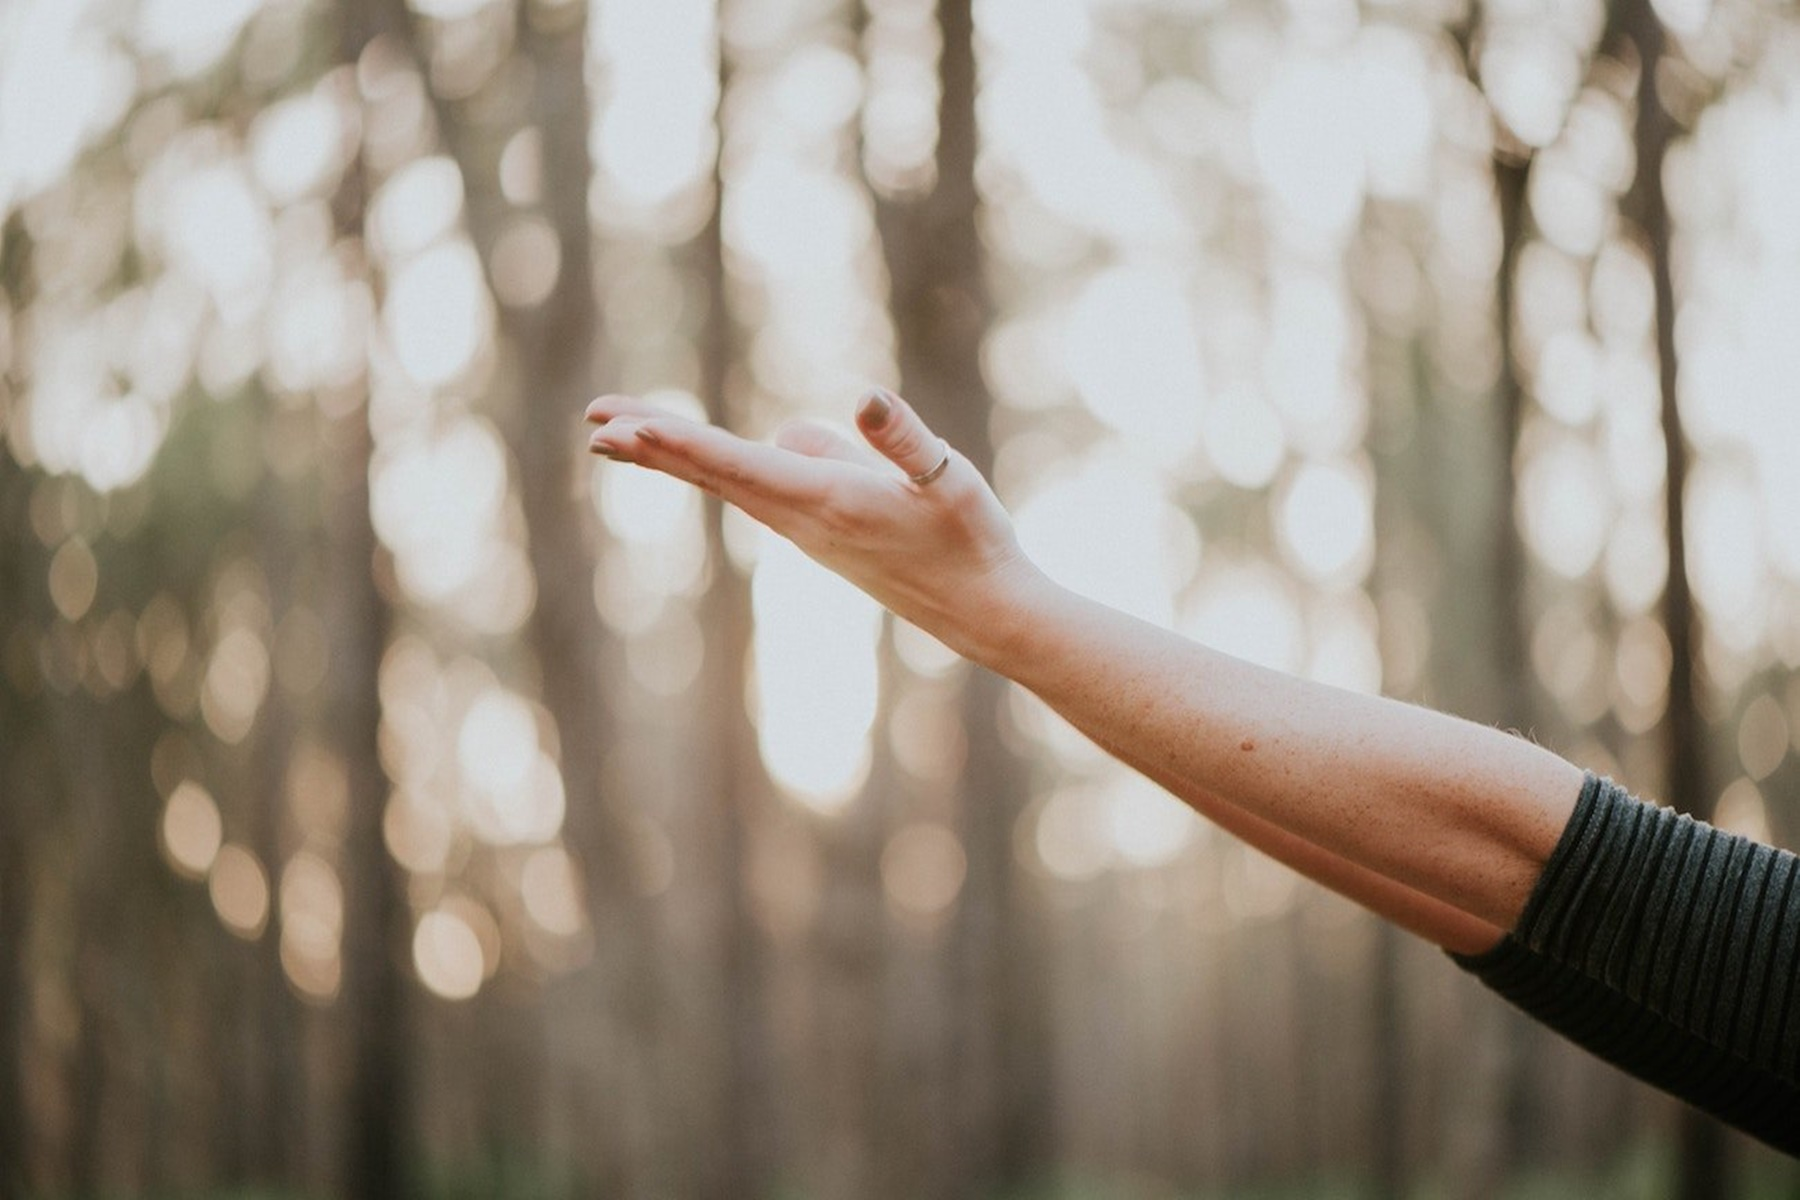 Αυτοφροντίδα : Συμβουλές για να διαχειριστείτε την κατάθλιψη